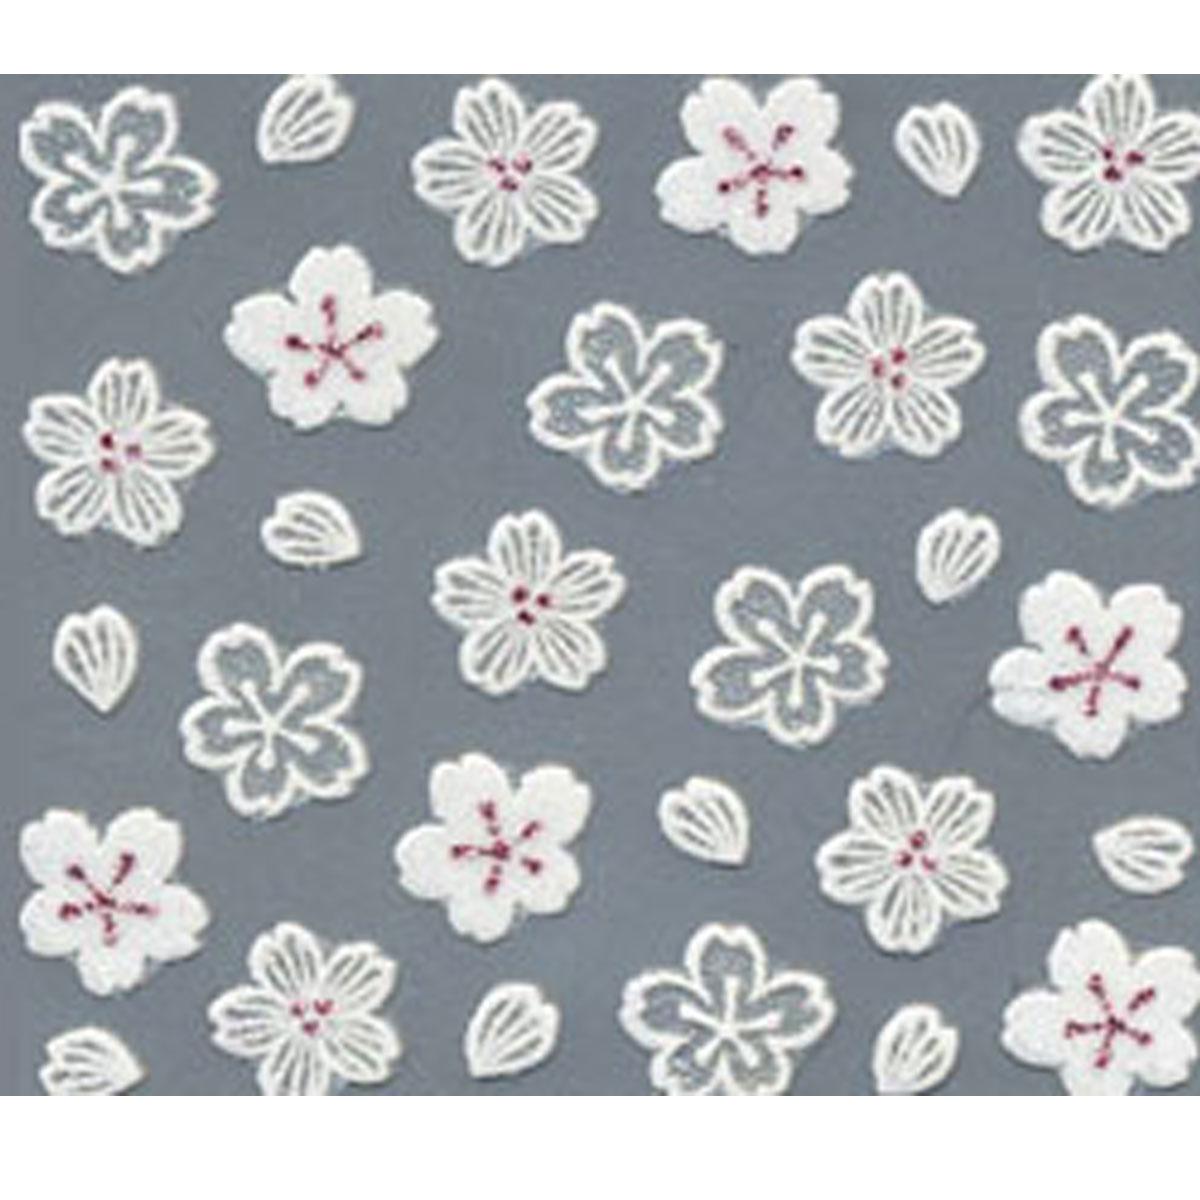 bibi deco ネイルシール bi-149W 切り絵桜 ホワイト 春ネイル マニキュア セルフネイル ネイルデザイン